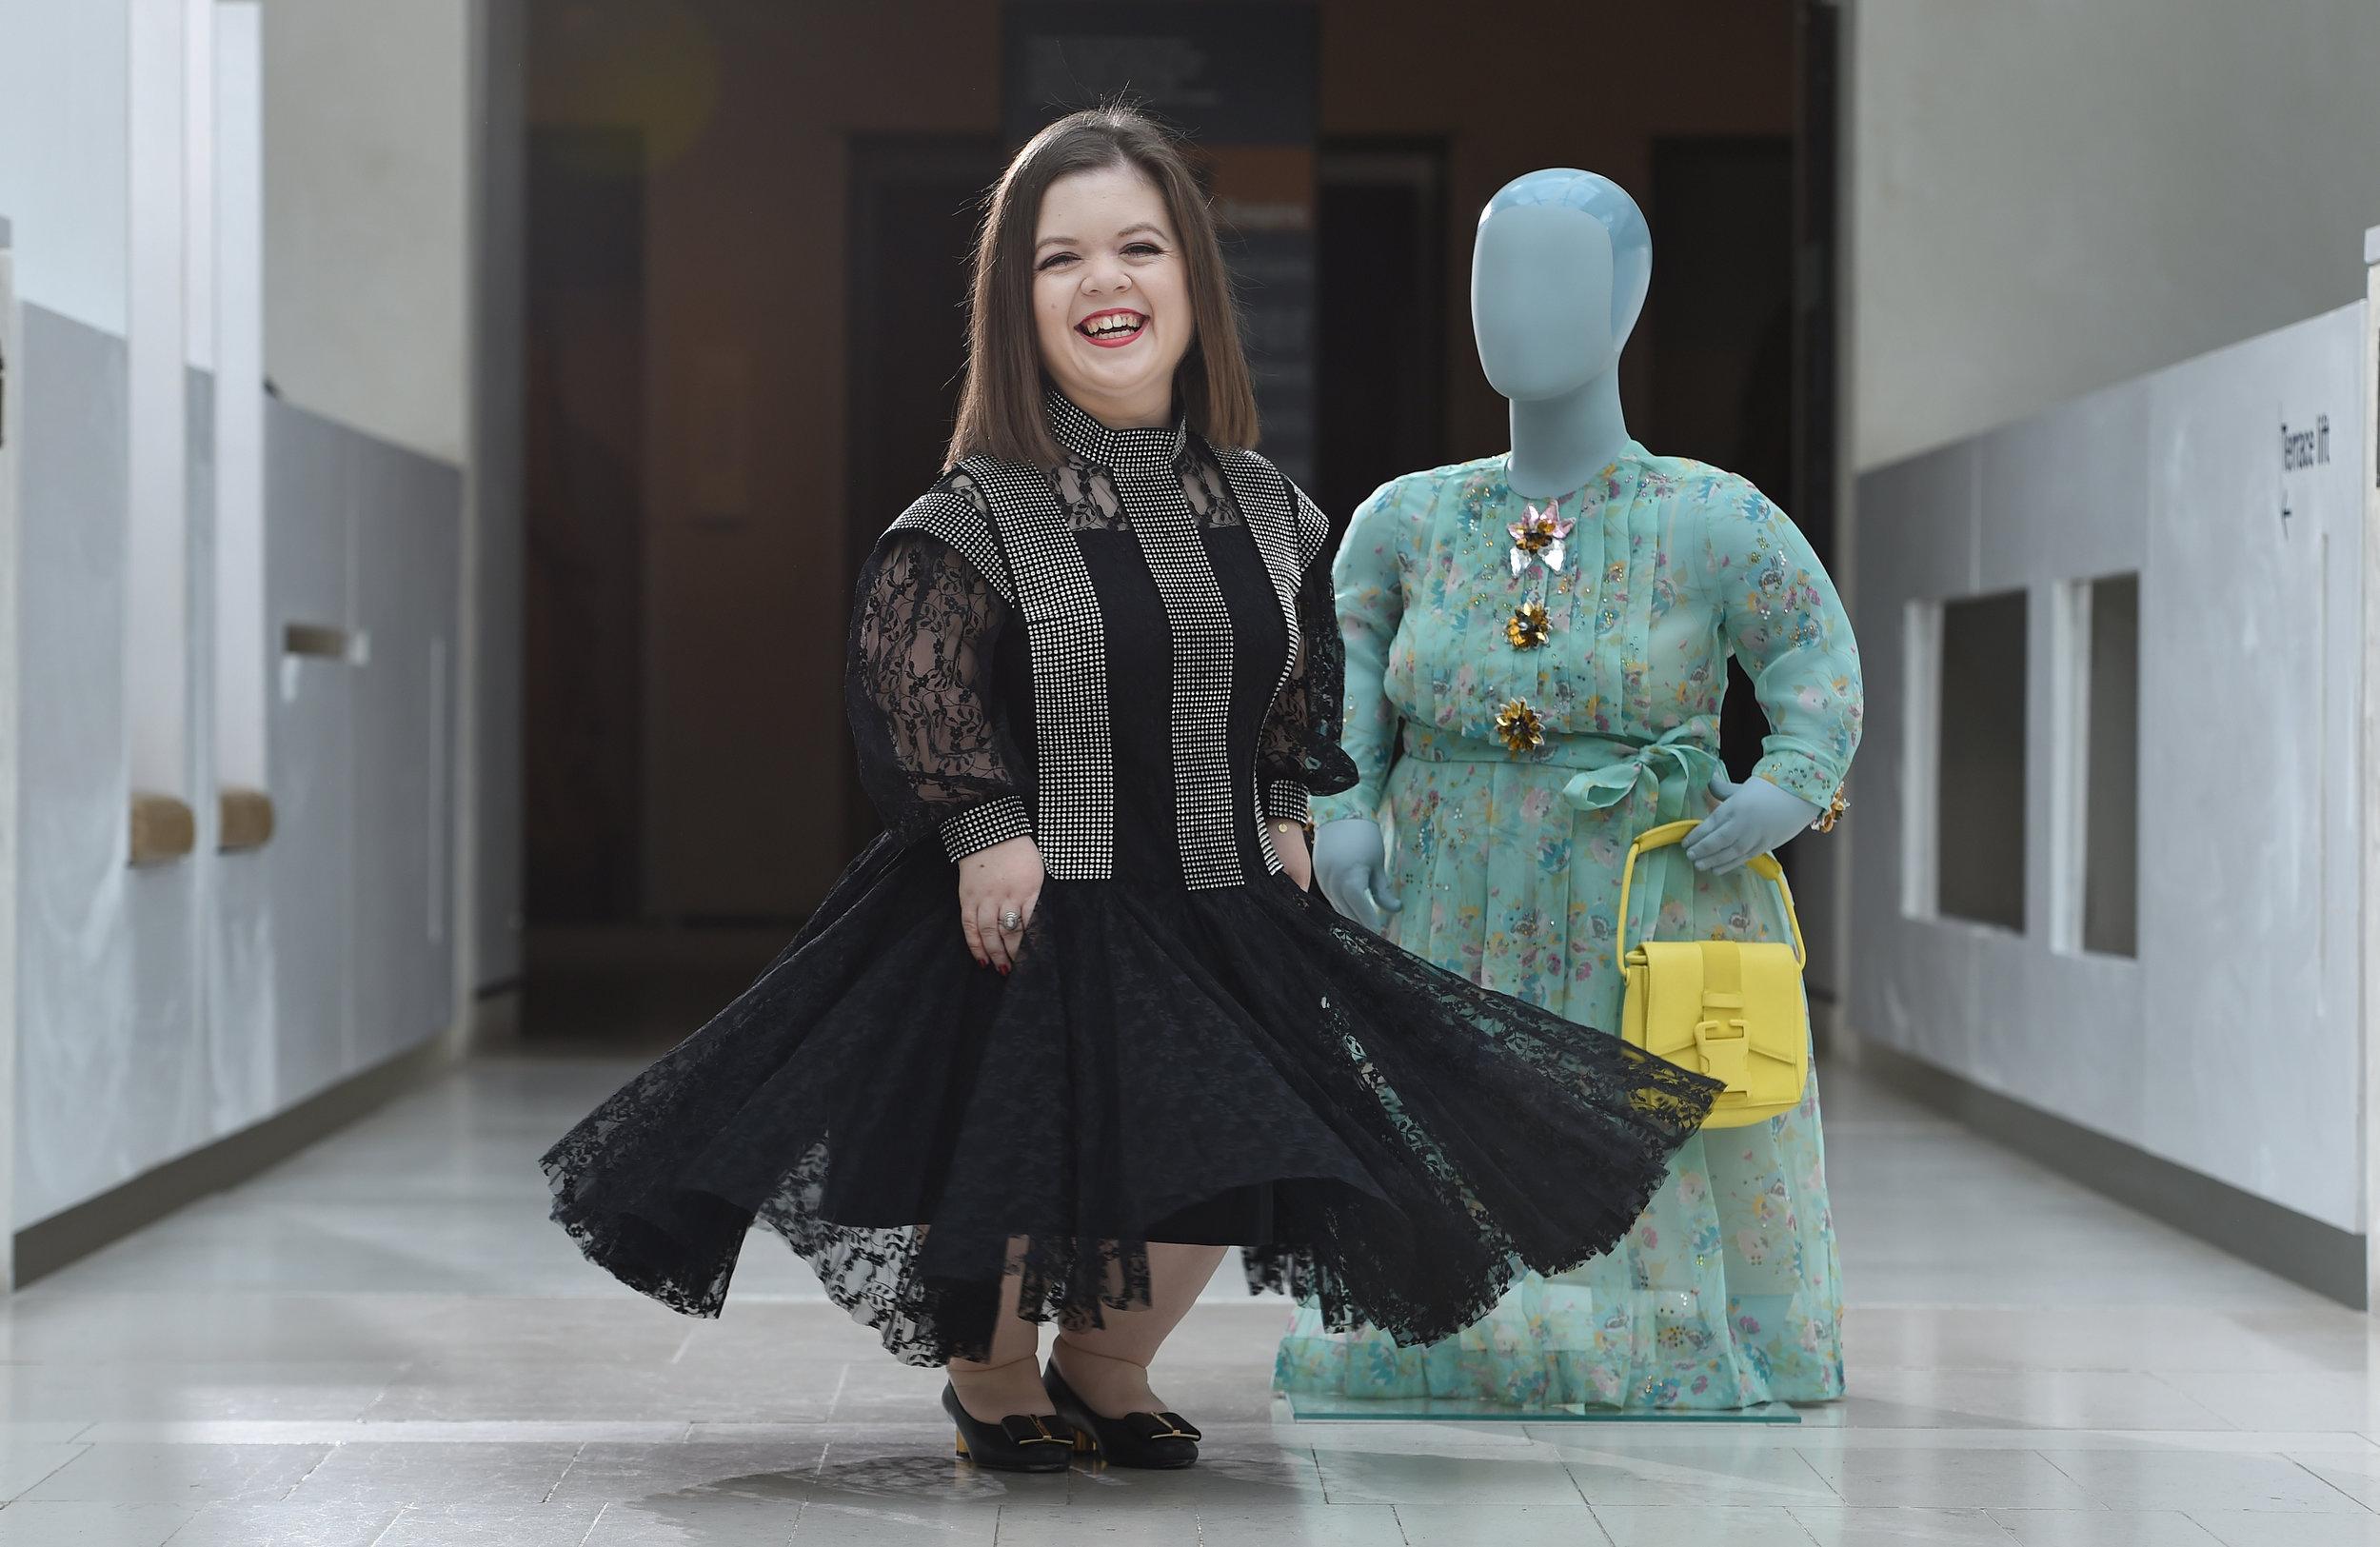 Sinead burke diversity in fashion